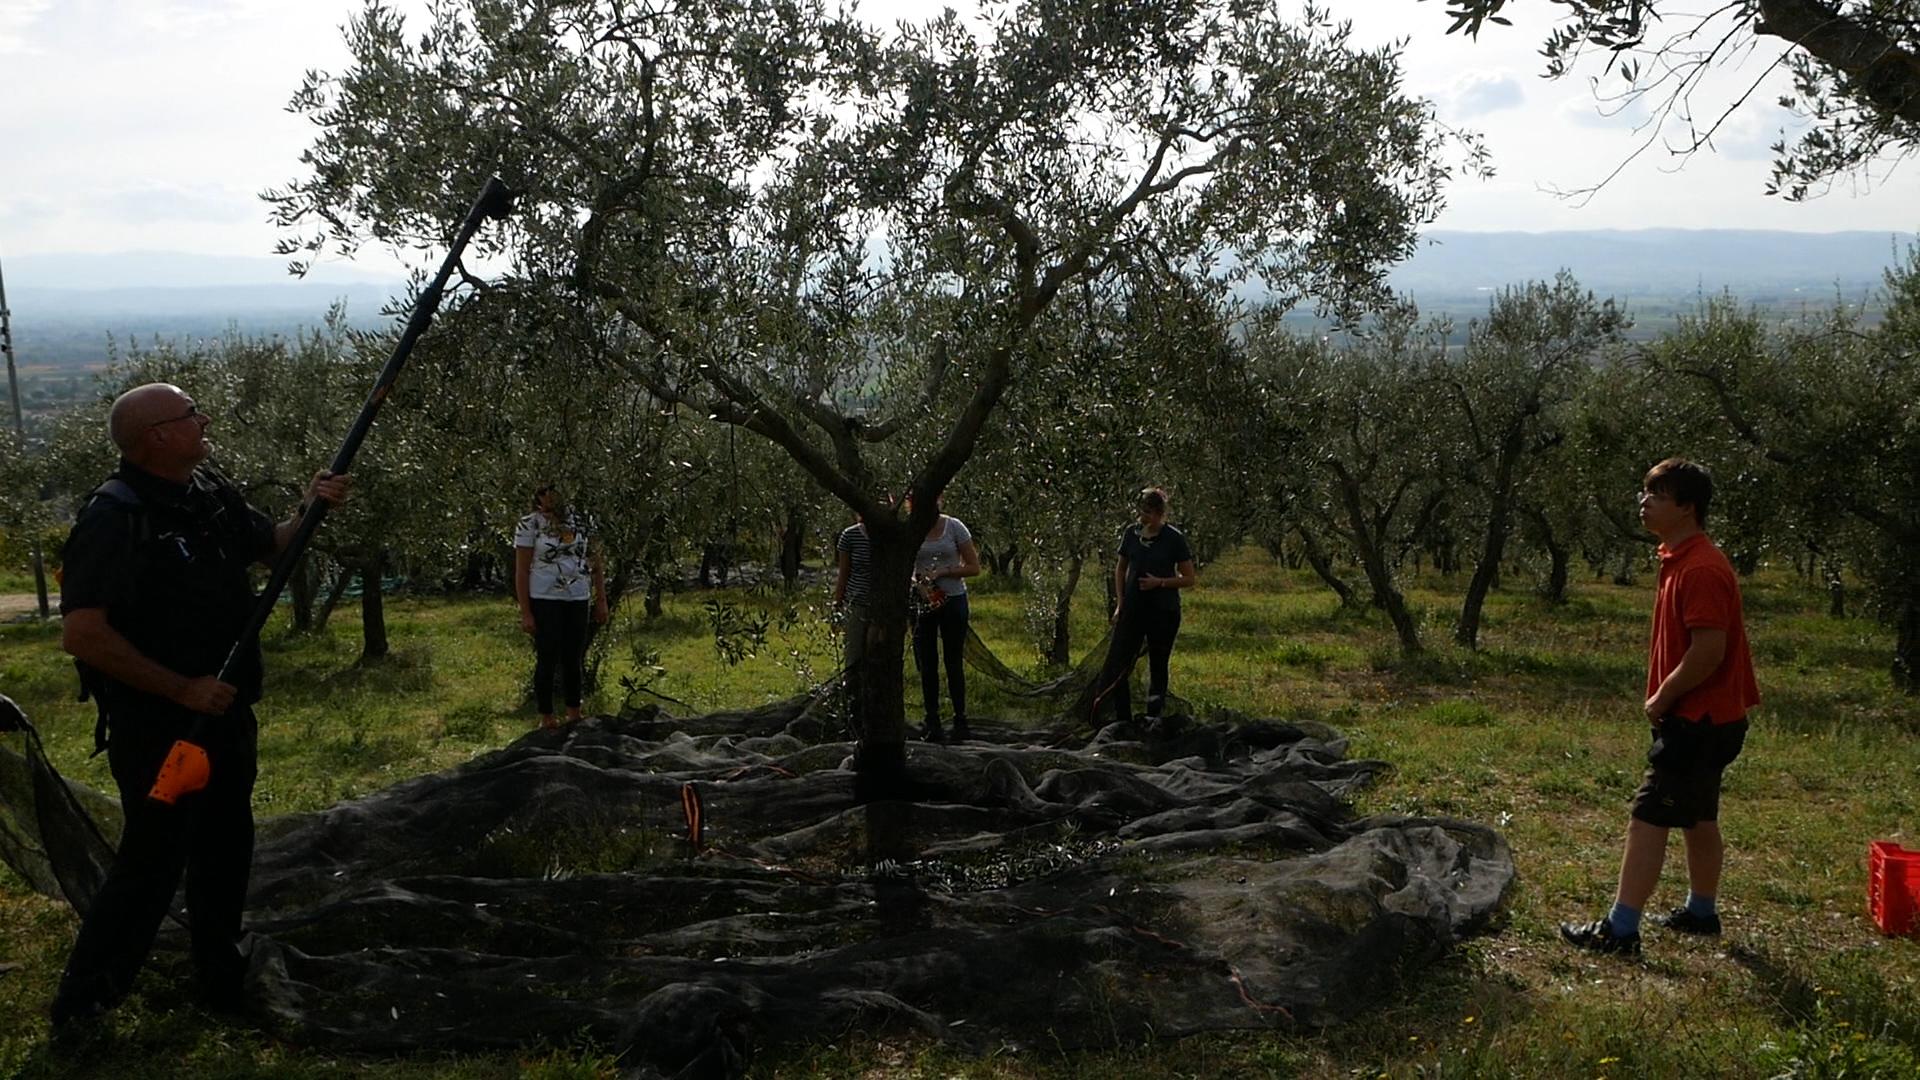 Esperienza sensoriale Assisi Tili Vini - Raccogliamo le olive insieme 8